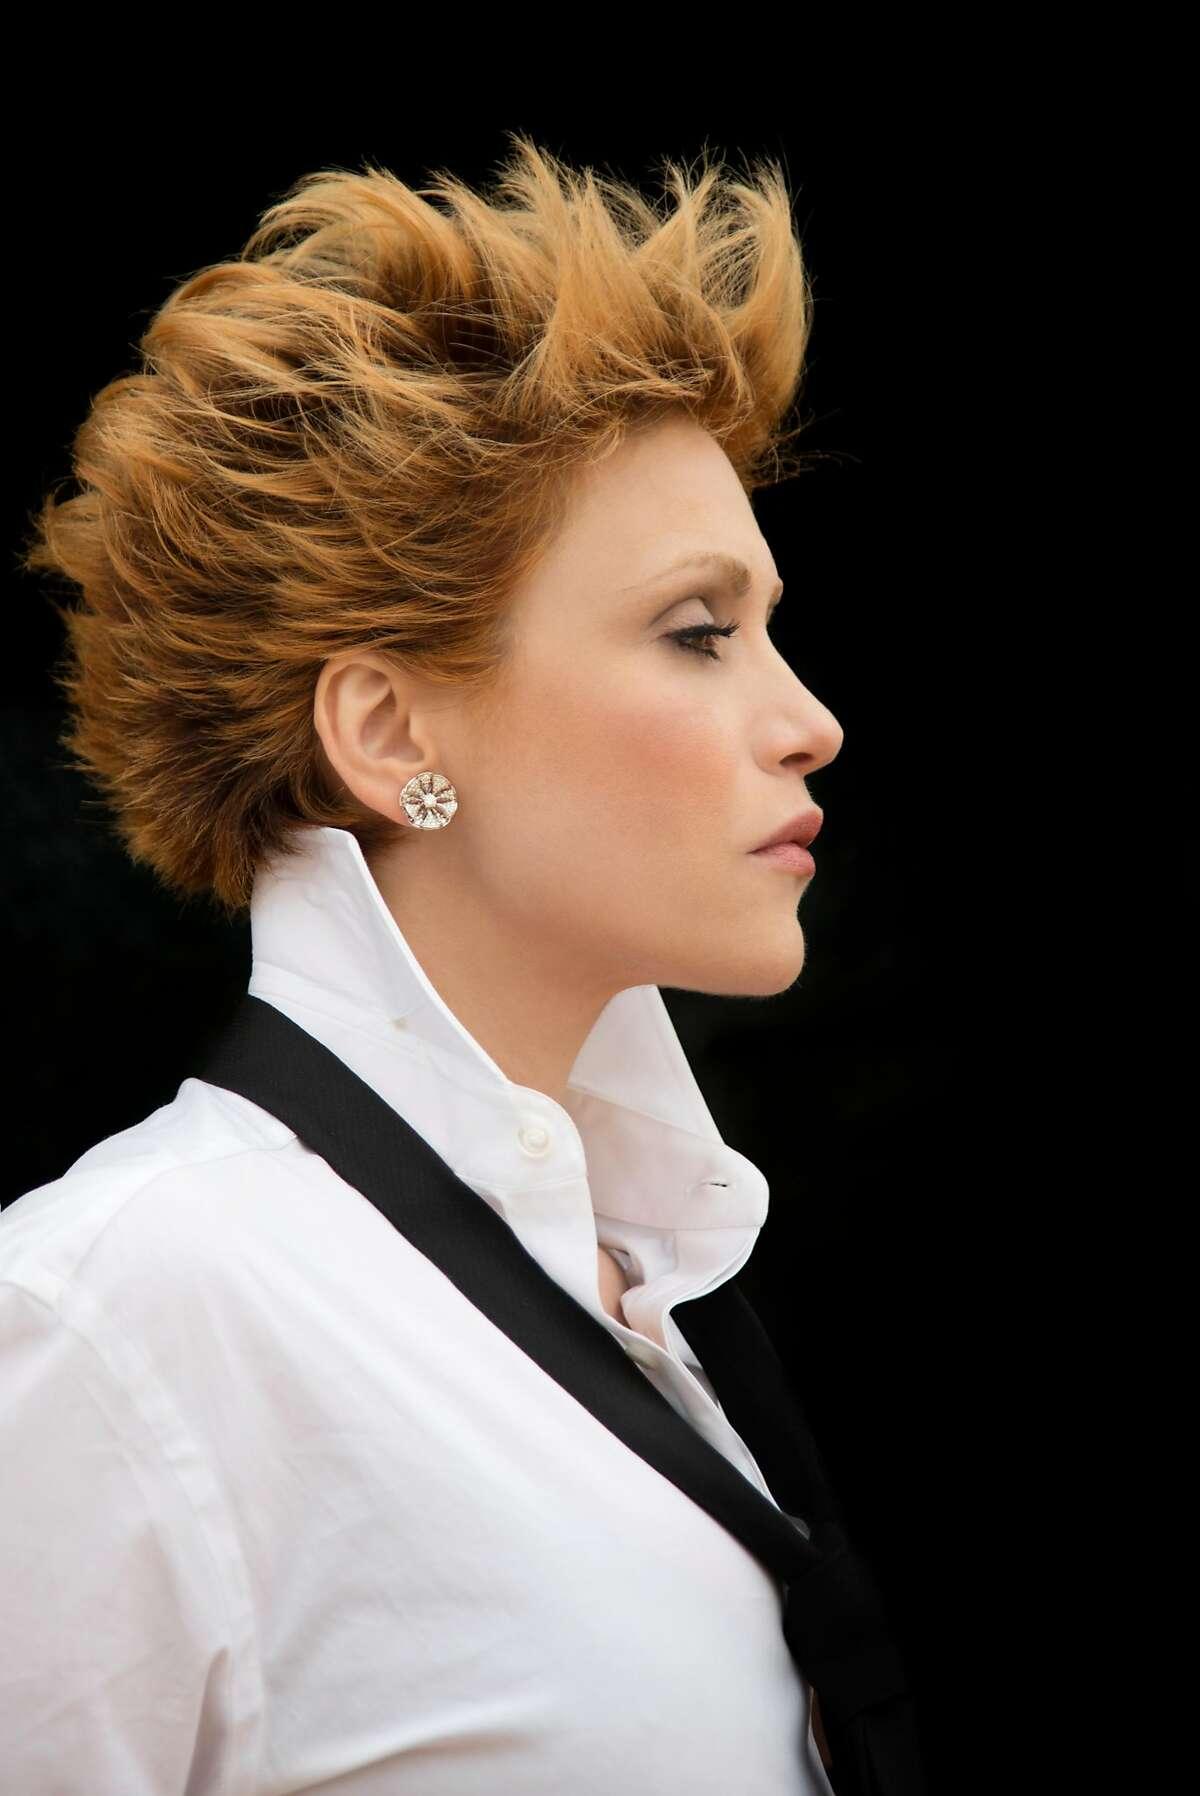 """Soprano Carmen Giannattasio will sing the title role in Puccini's """"Tosca"""""""